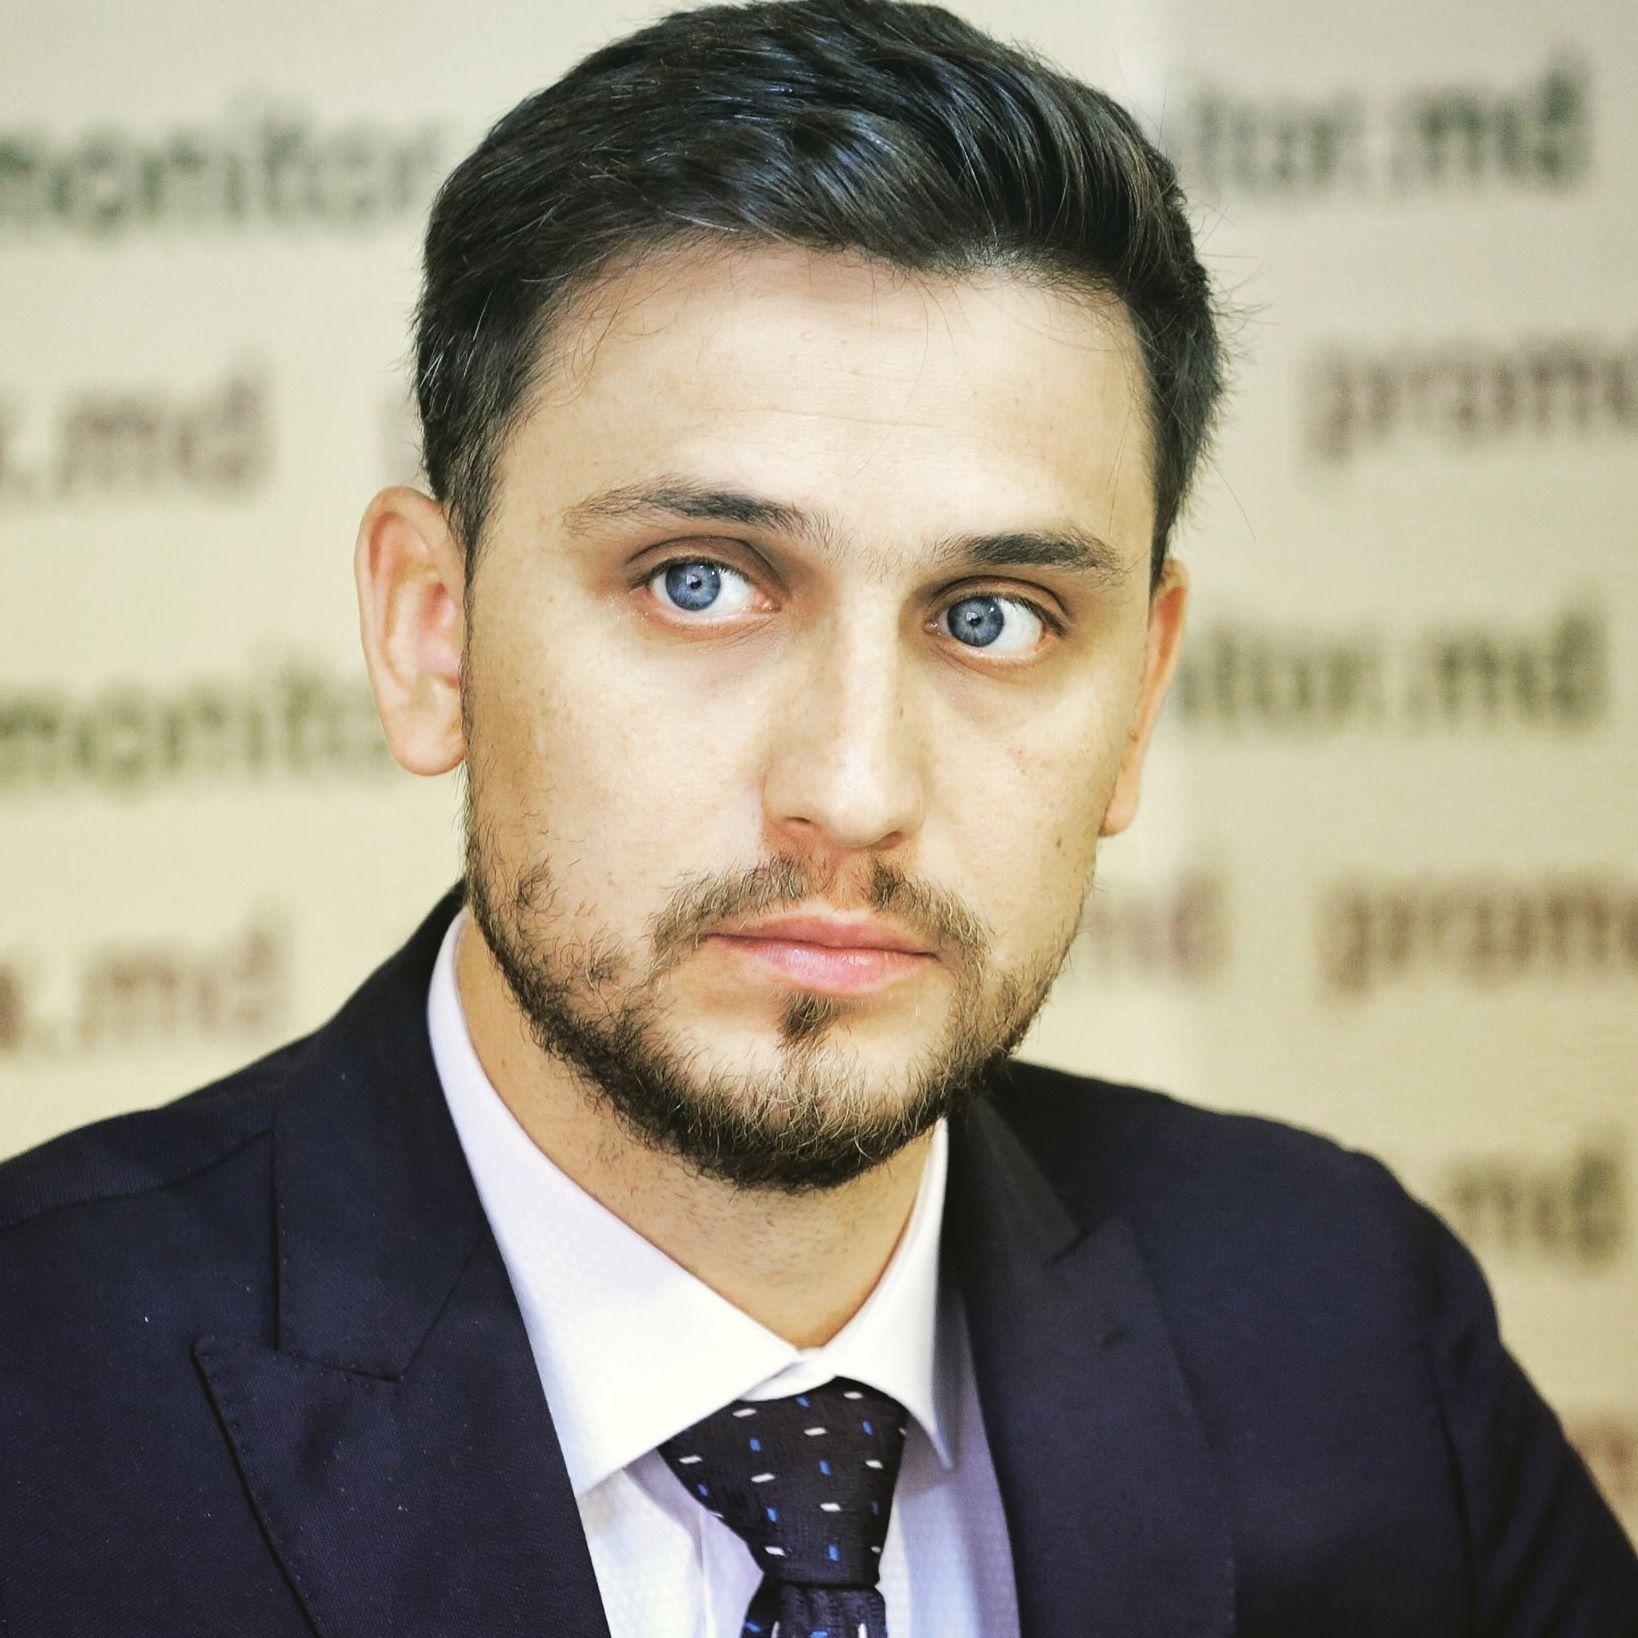 Стояногло подводят под отставку? Будет ли в Молдове независимая прокуратура